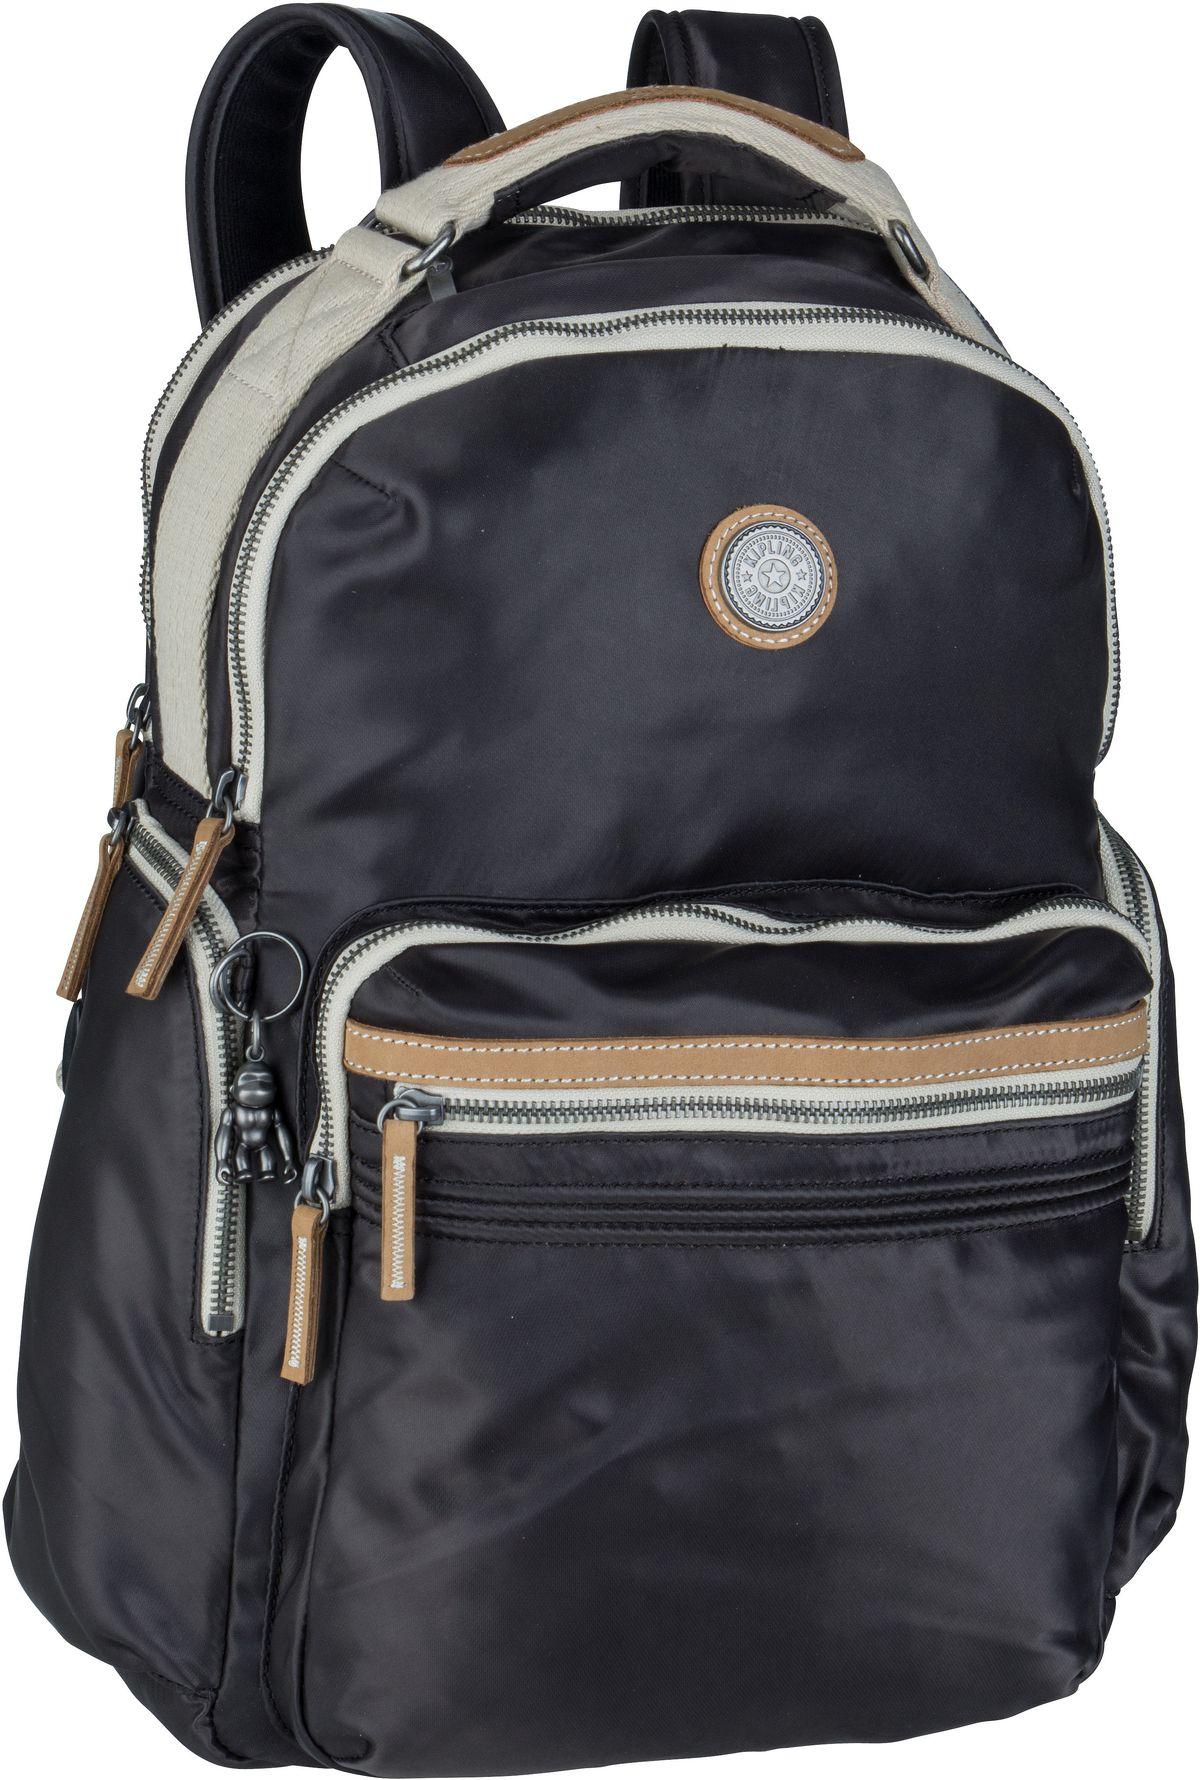 Rucksack / Daypack Osho Edgeland Delicate Black (25 Liter)